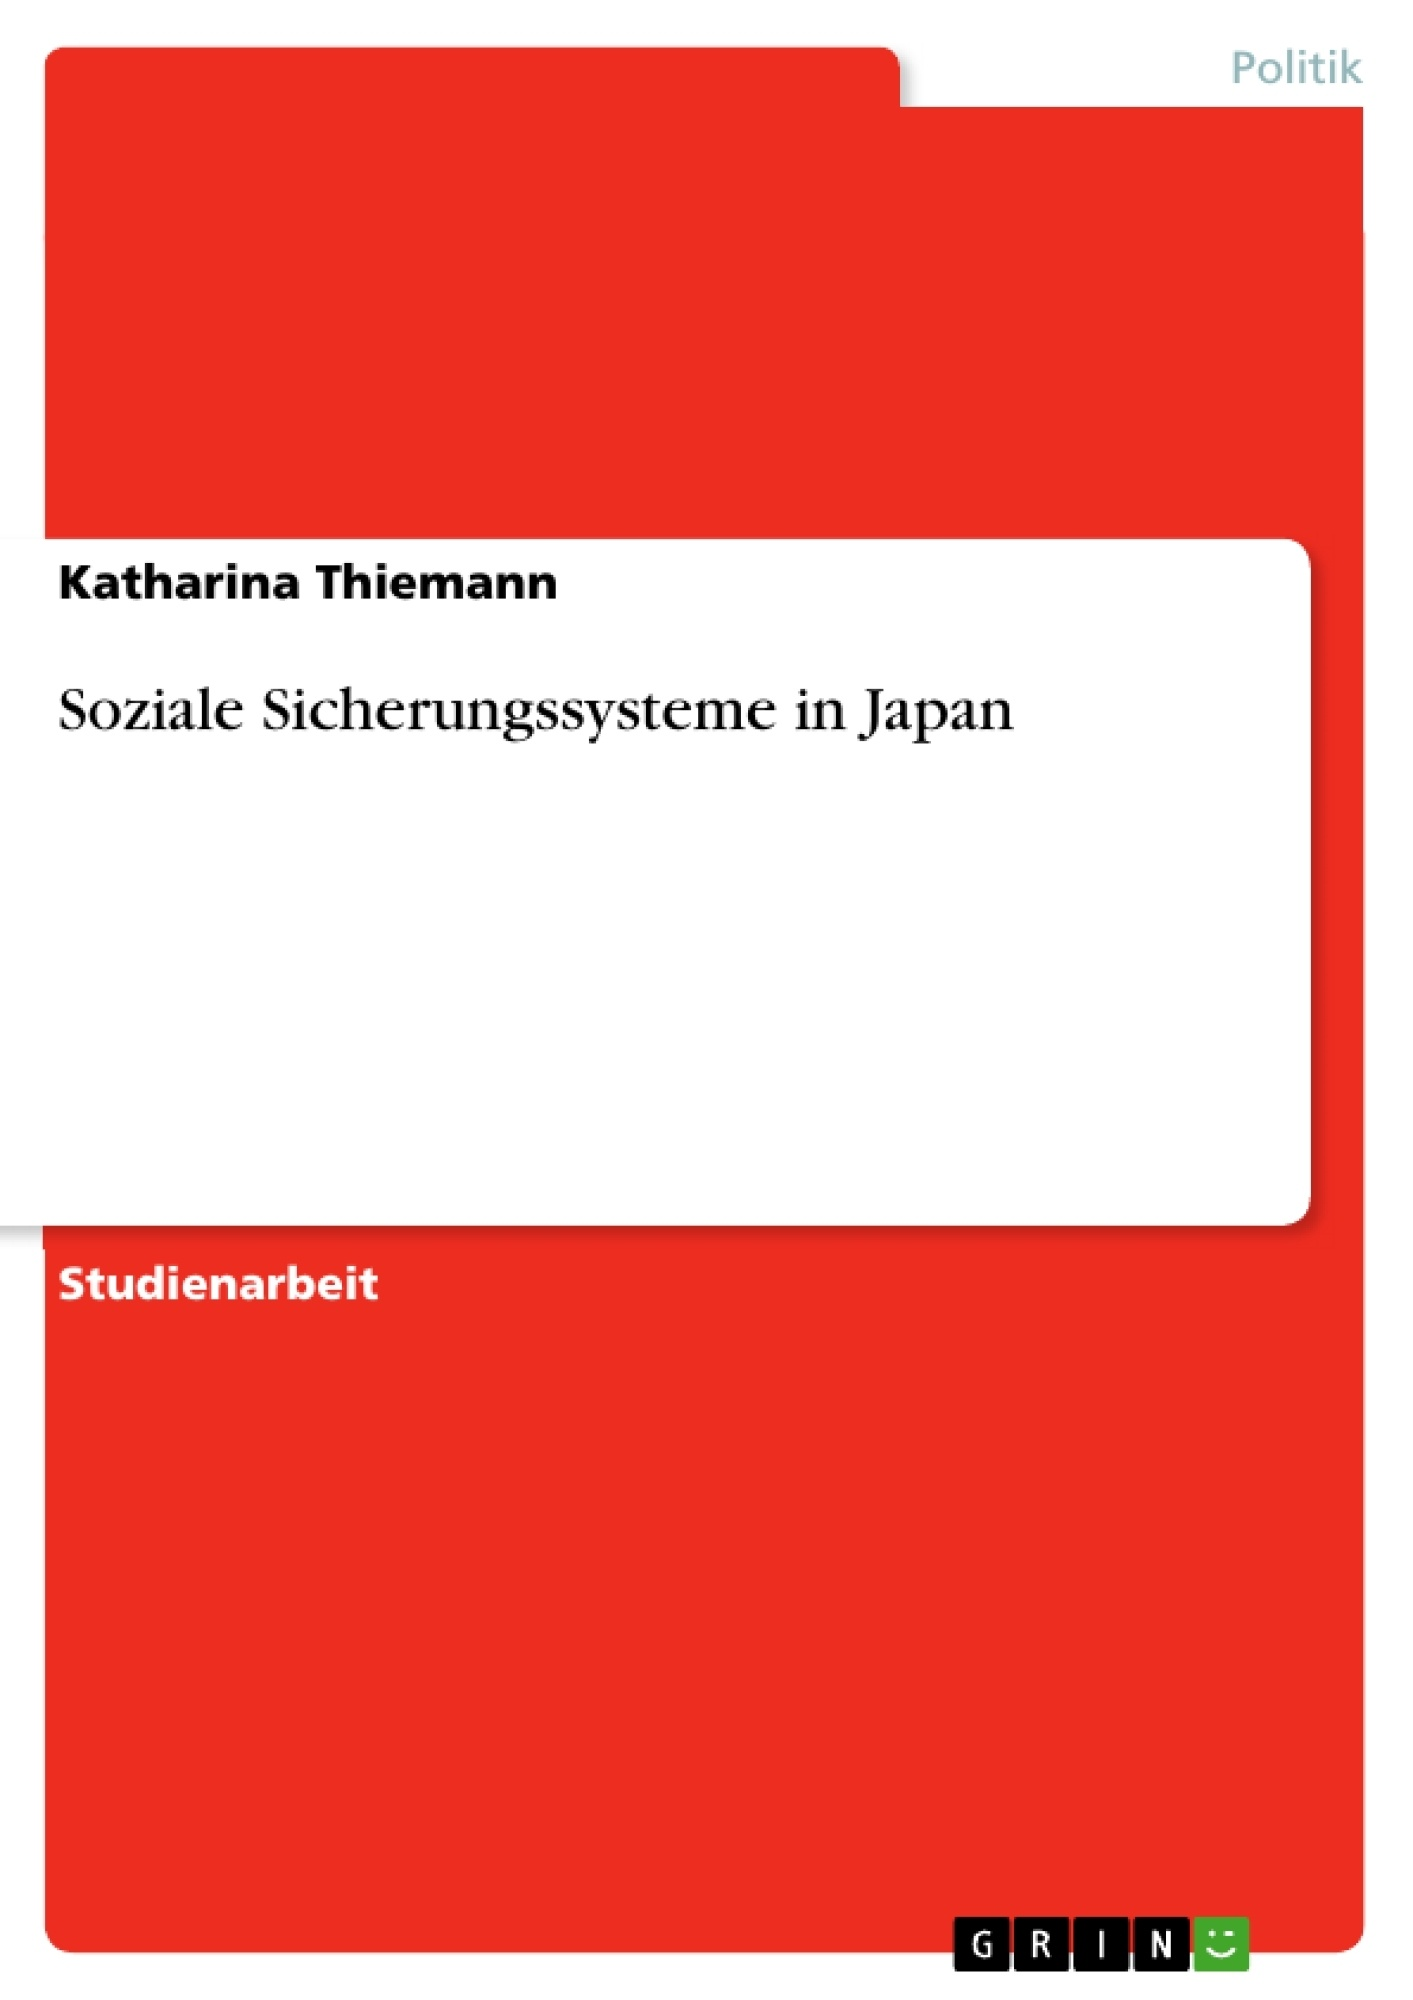 Titel: Soziale Sicherungssysteme in Japan